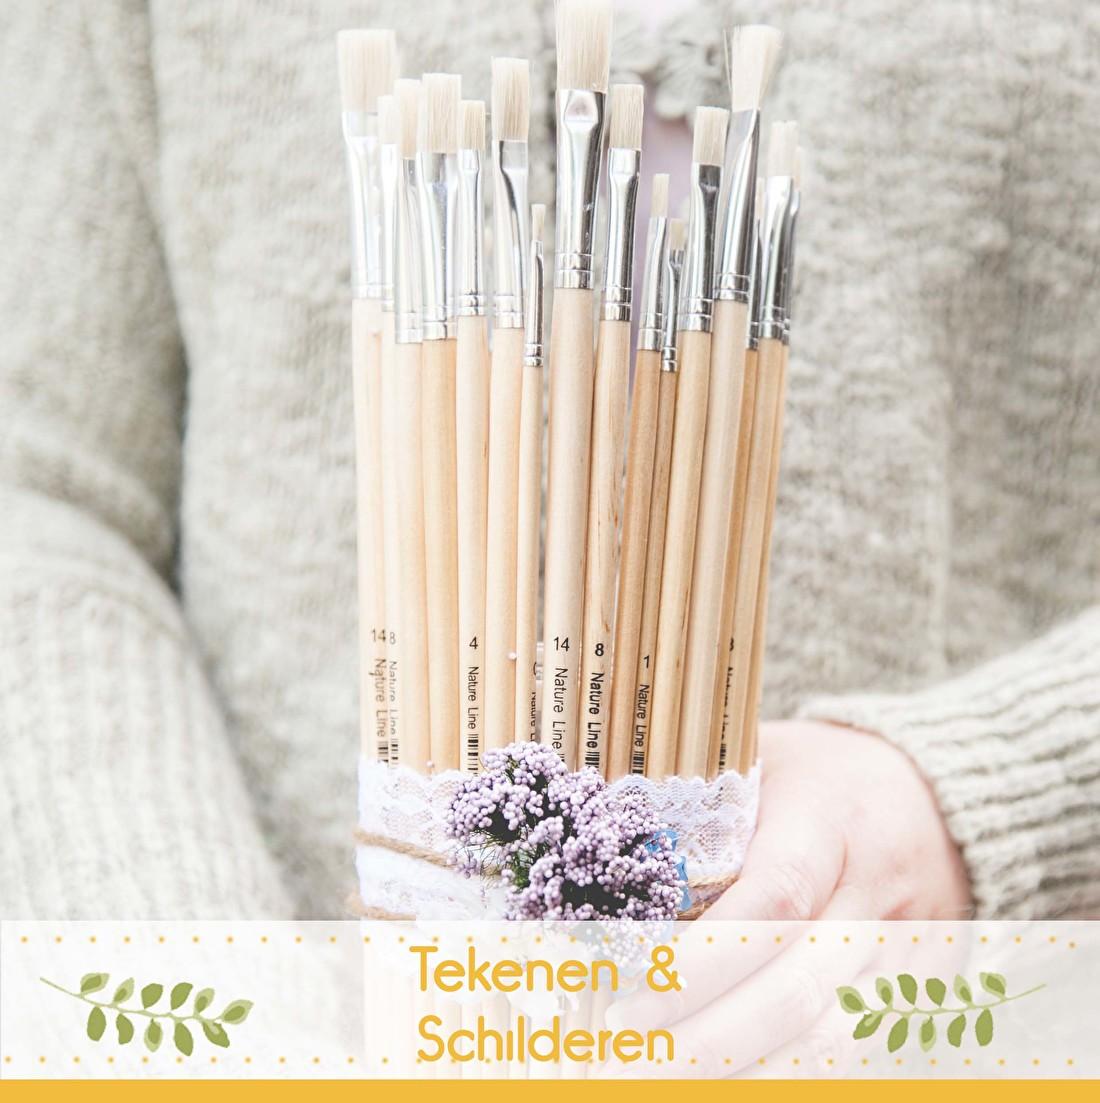 DIY projecten, tekenen en schilderen